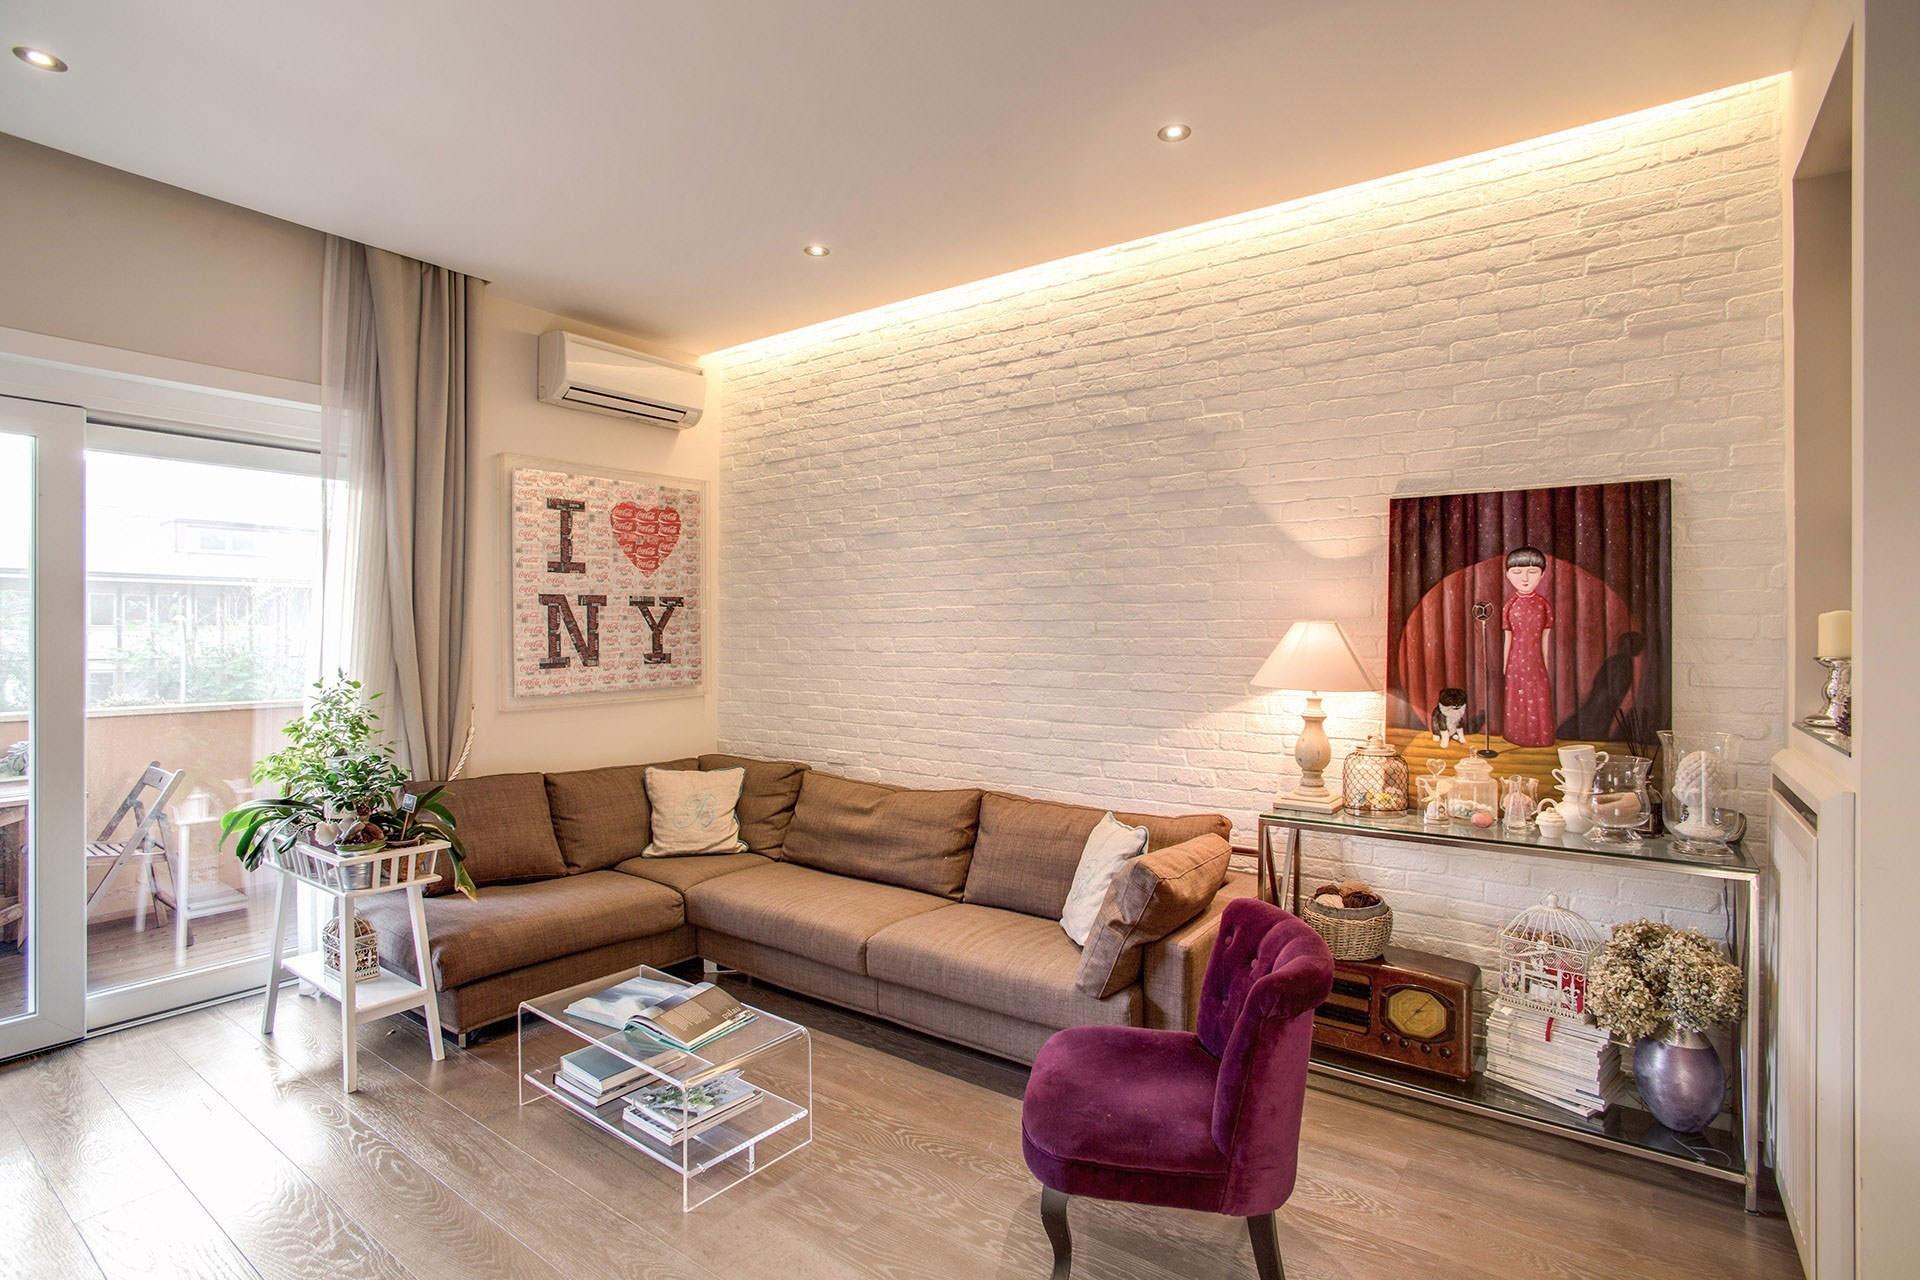 komforten-apartament-sas-sempal-dizain-v-rim-1g